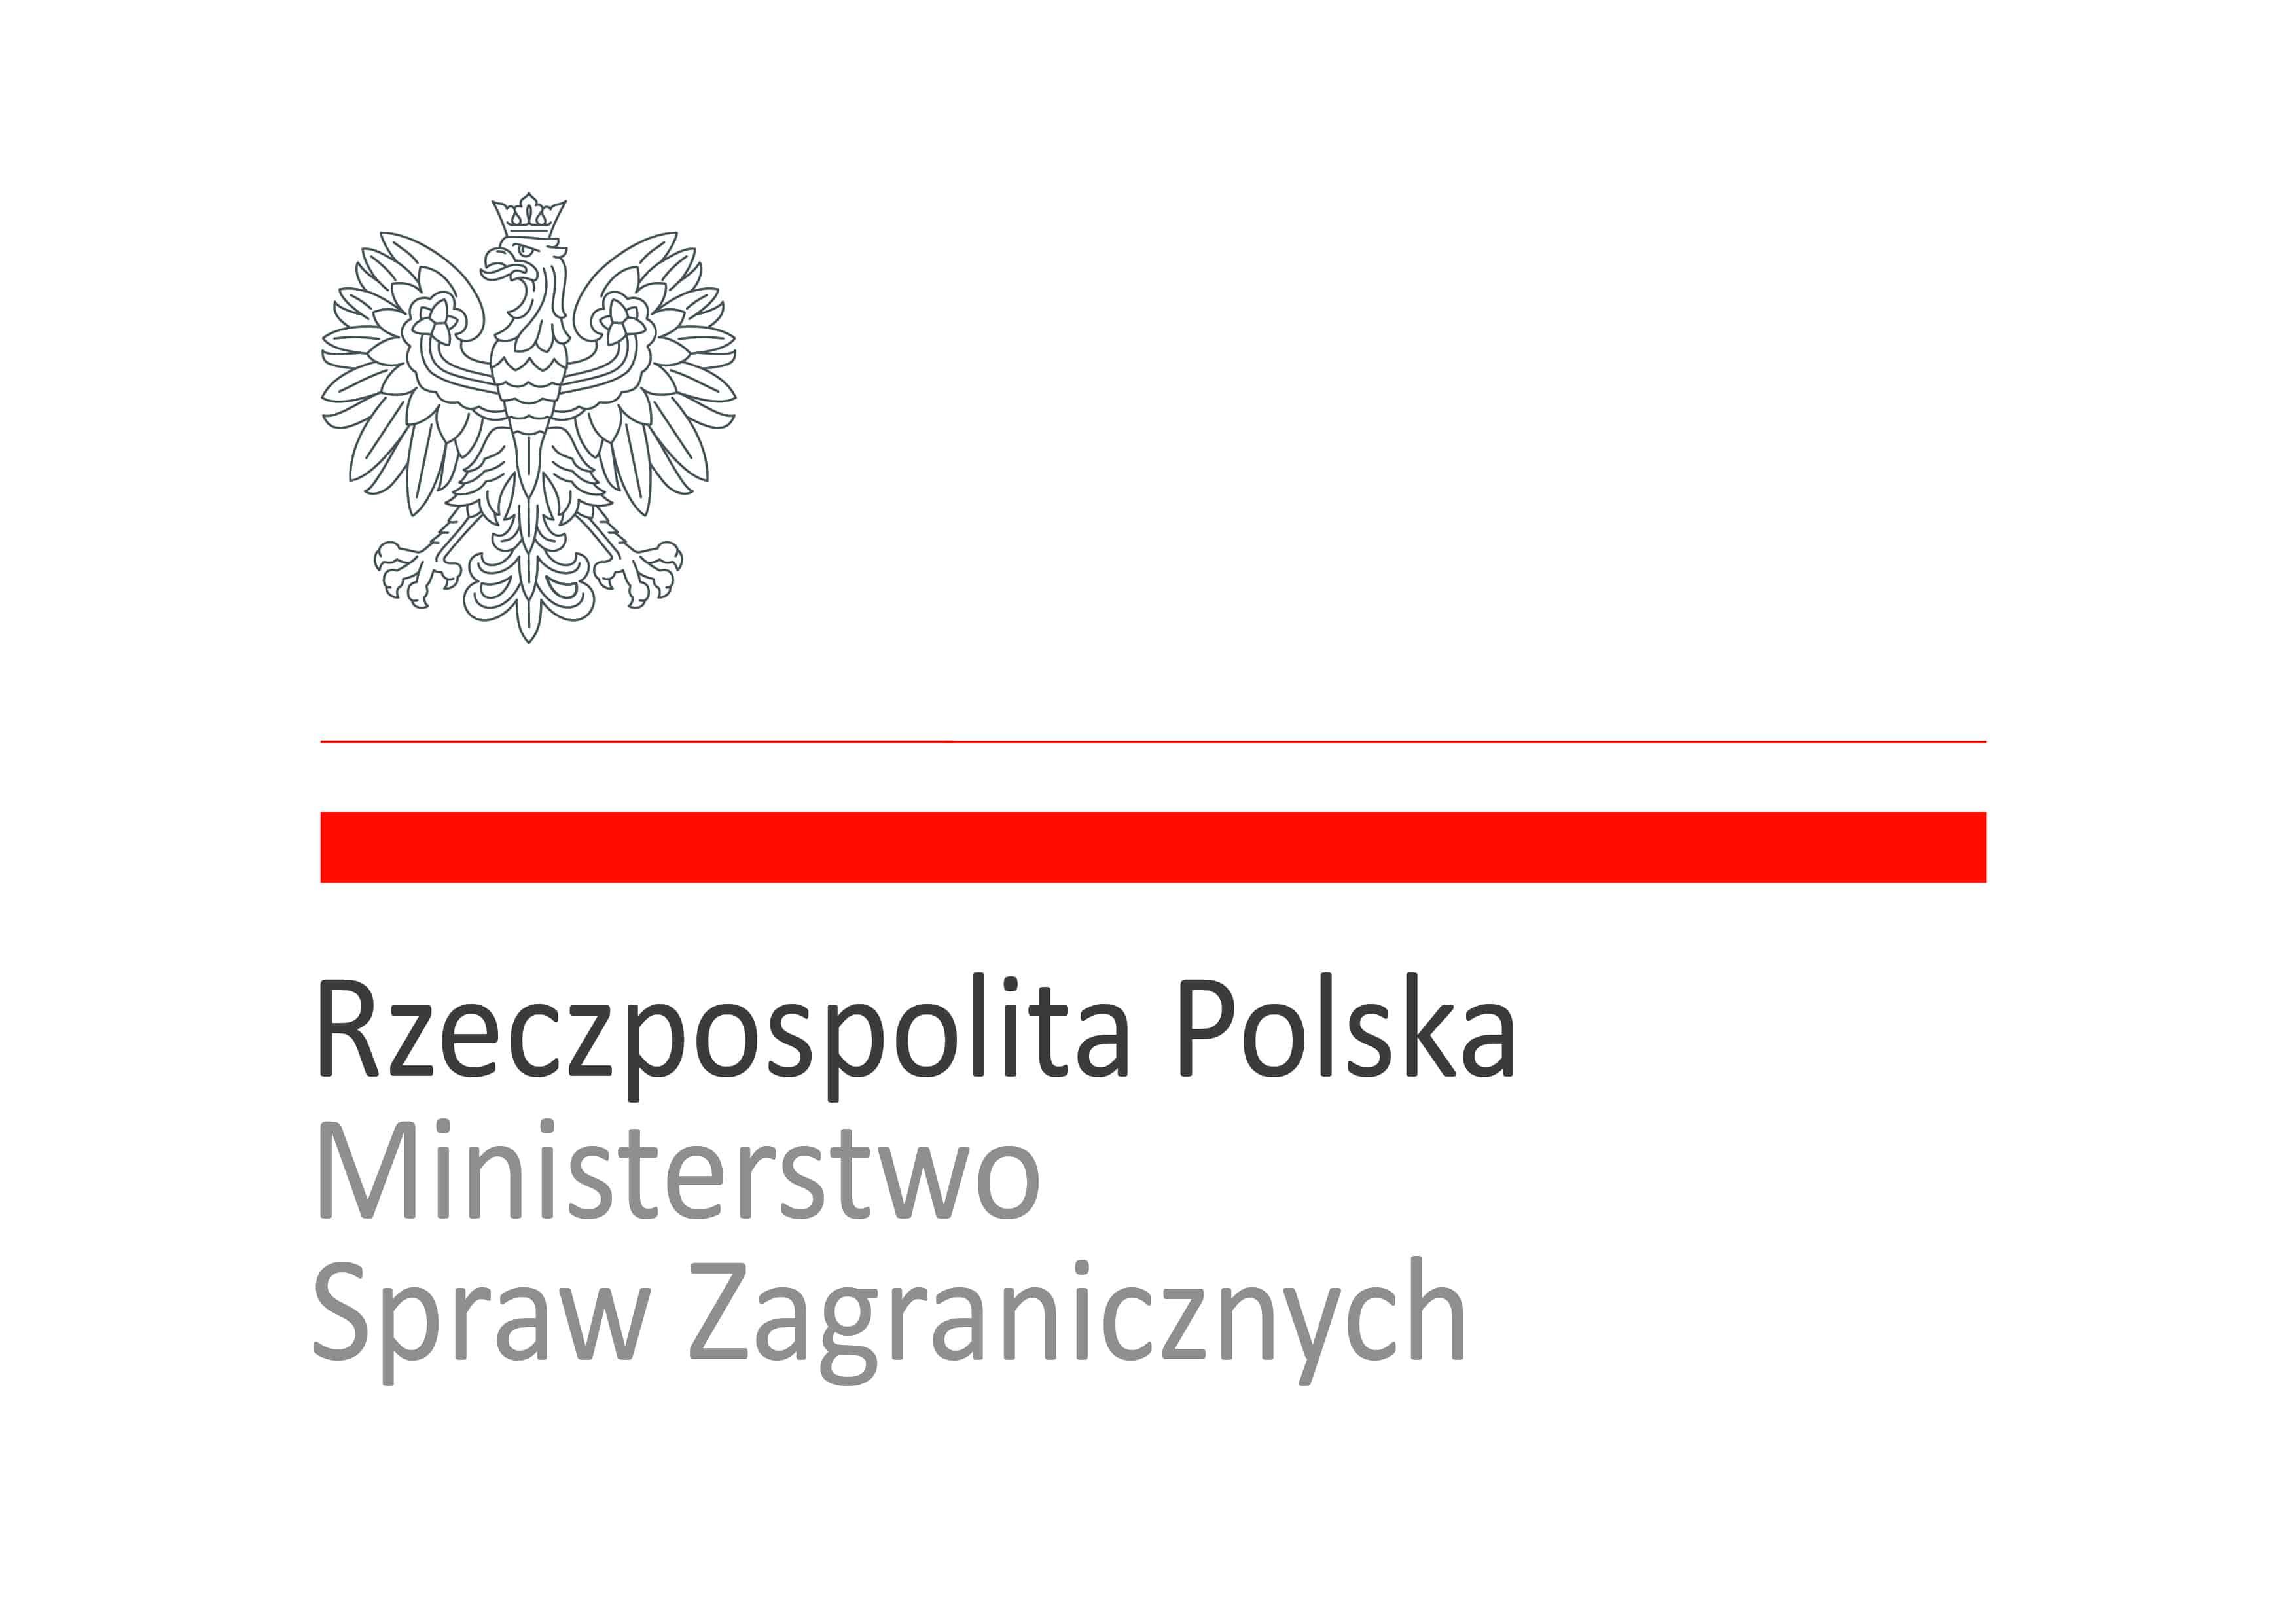 Ministerstwo Spraw Zagranicznych logotyp